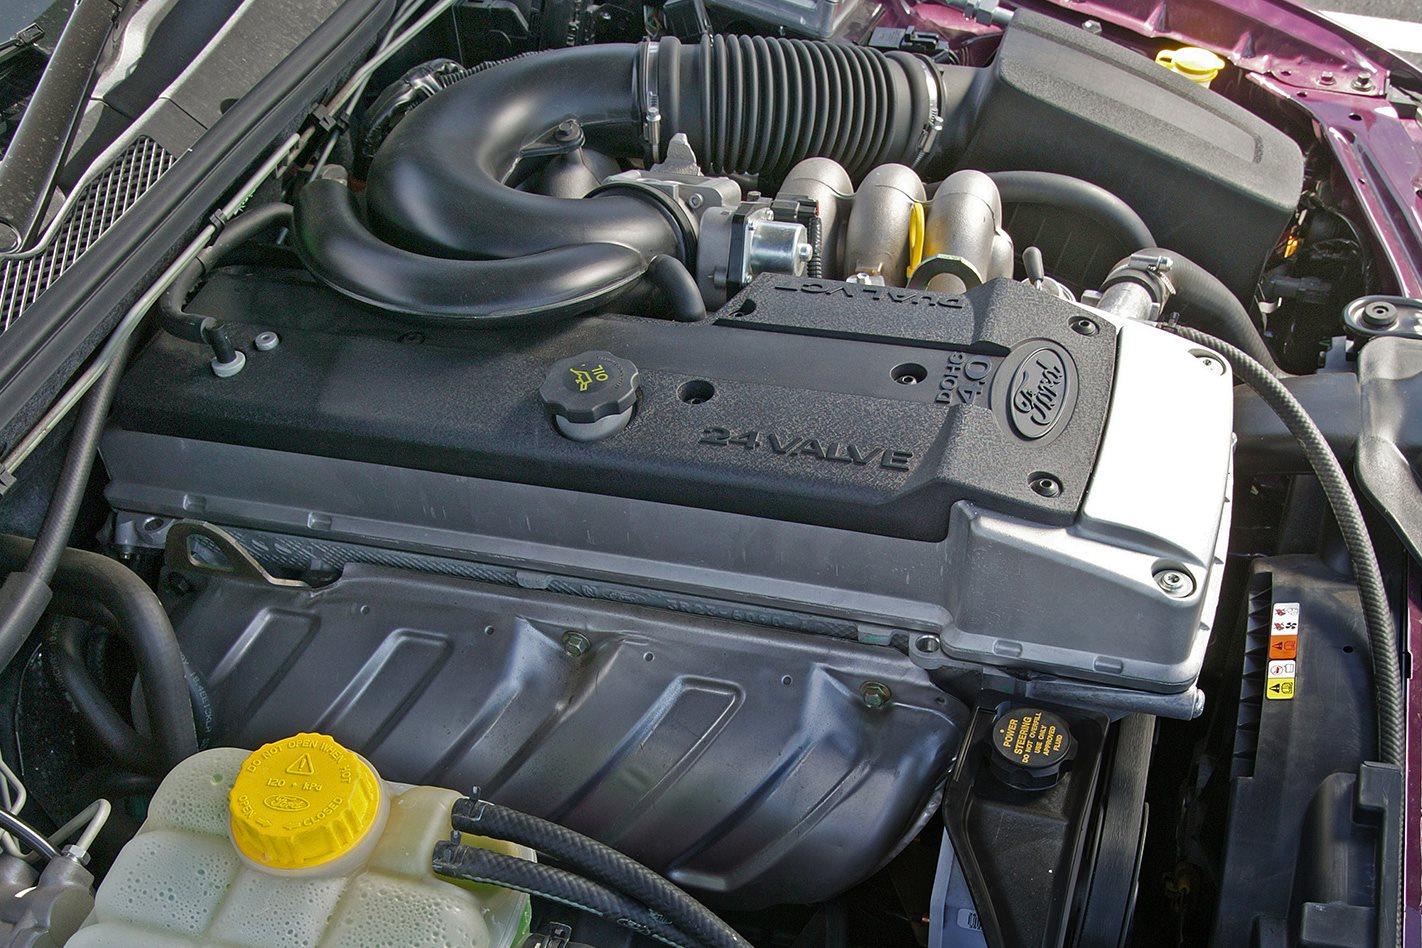 Holden Commodore SV6 vs Ford Falcon XR6 comparison review: Classic MOTOR